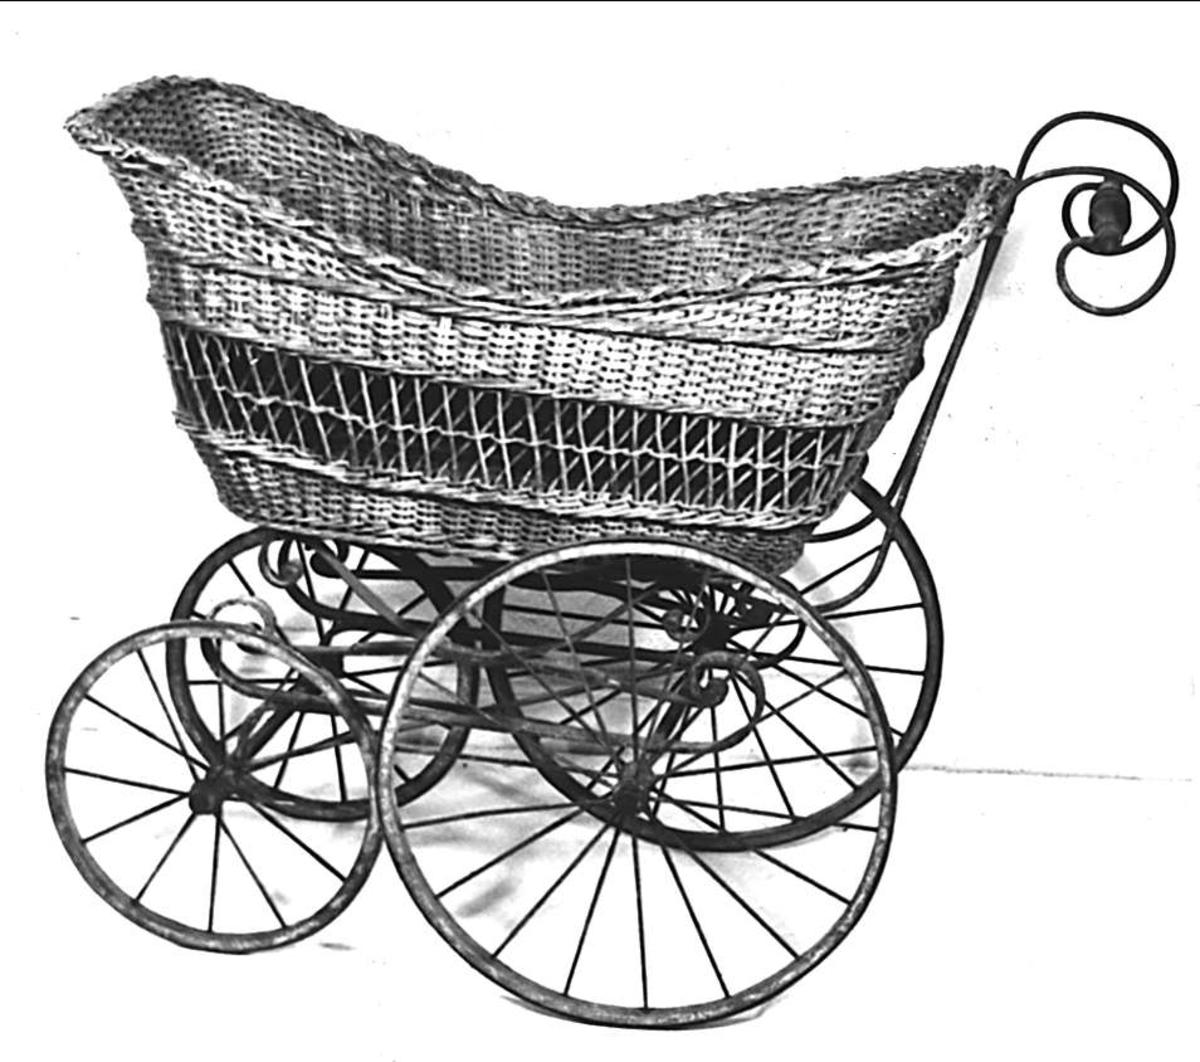 Barnvagn av flätad korg och underrede av järn. Handtag av svarvat trä. Hjulen av järnskodda träringar.